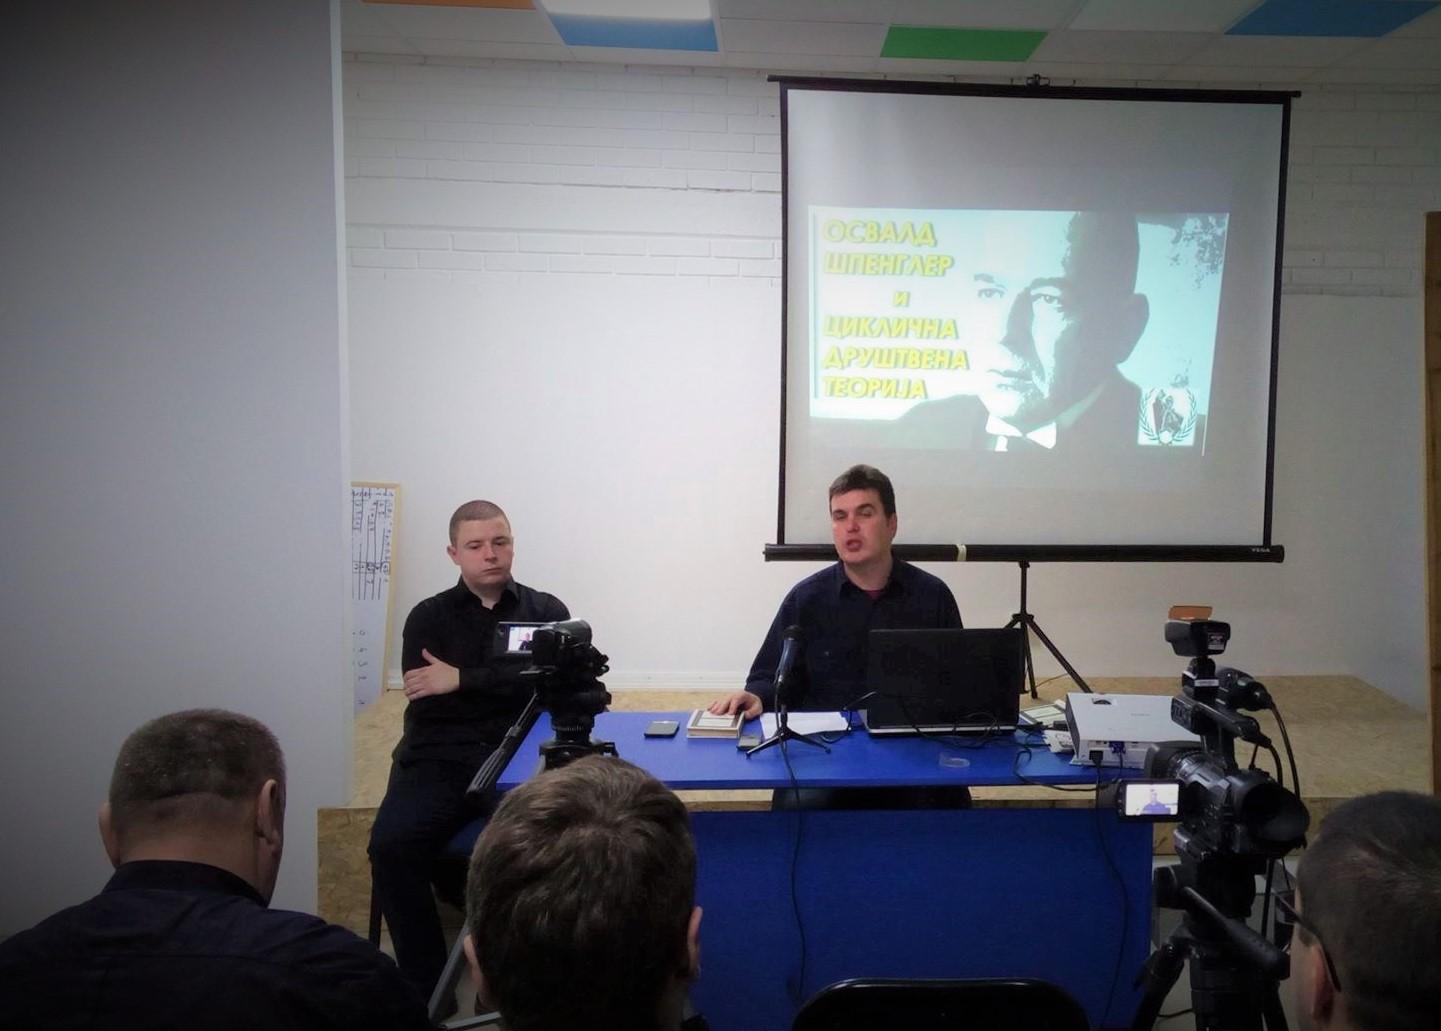 Освалд Шпенглер и циклична теорија друштва – др Саша Гајић